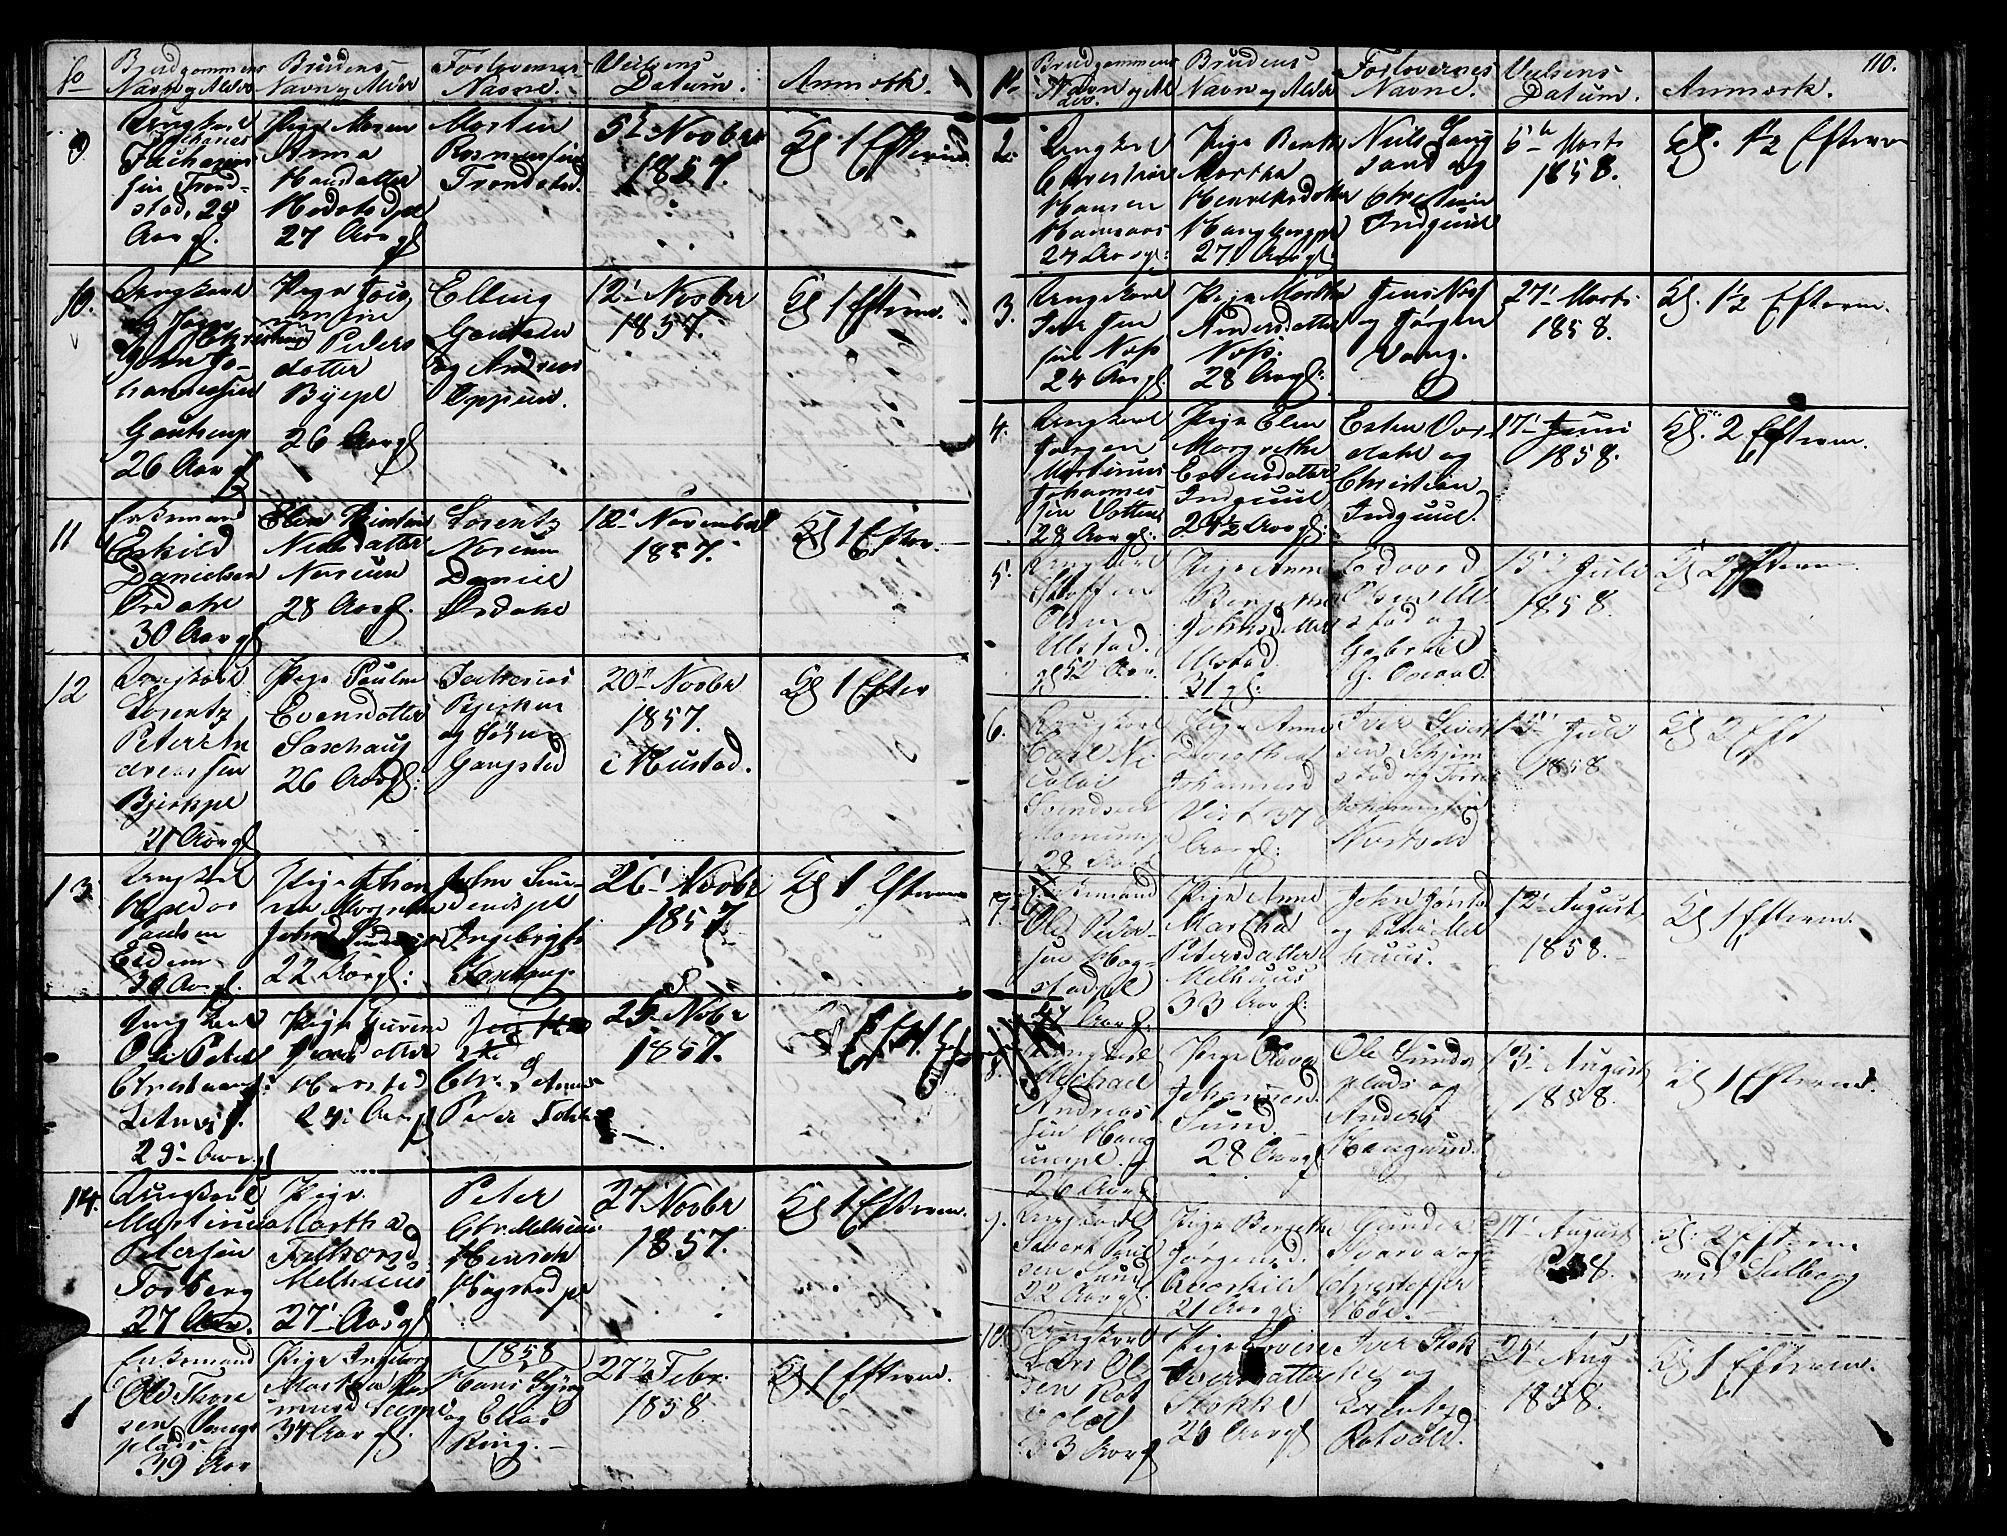 SAT, Ministerialprotokoller, klokkerbøker og fødselsregistre - Nord-Trøndelag, 730/L0299: Klokkerbok nr. 730C02, 1849-1871, s. 110